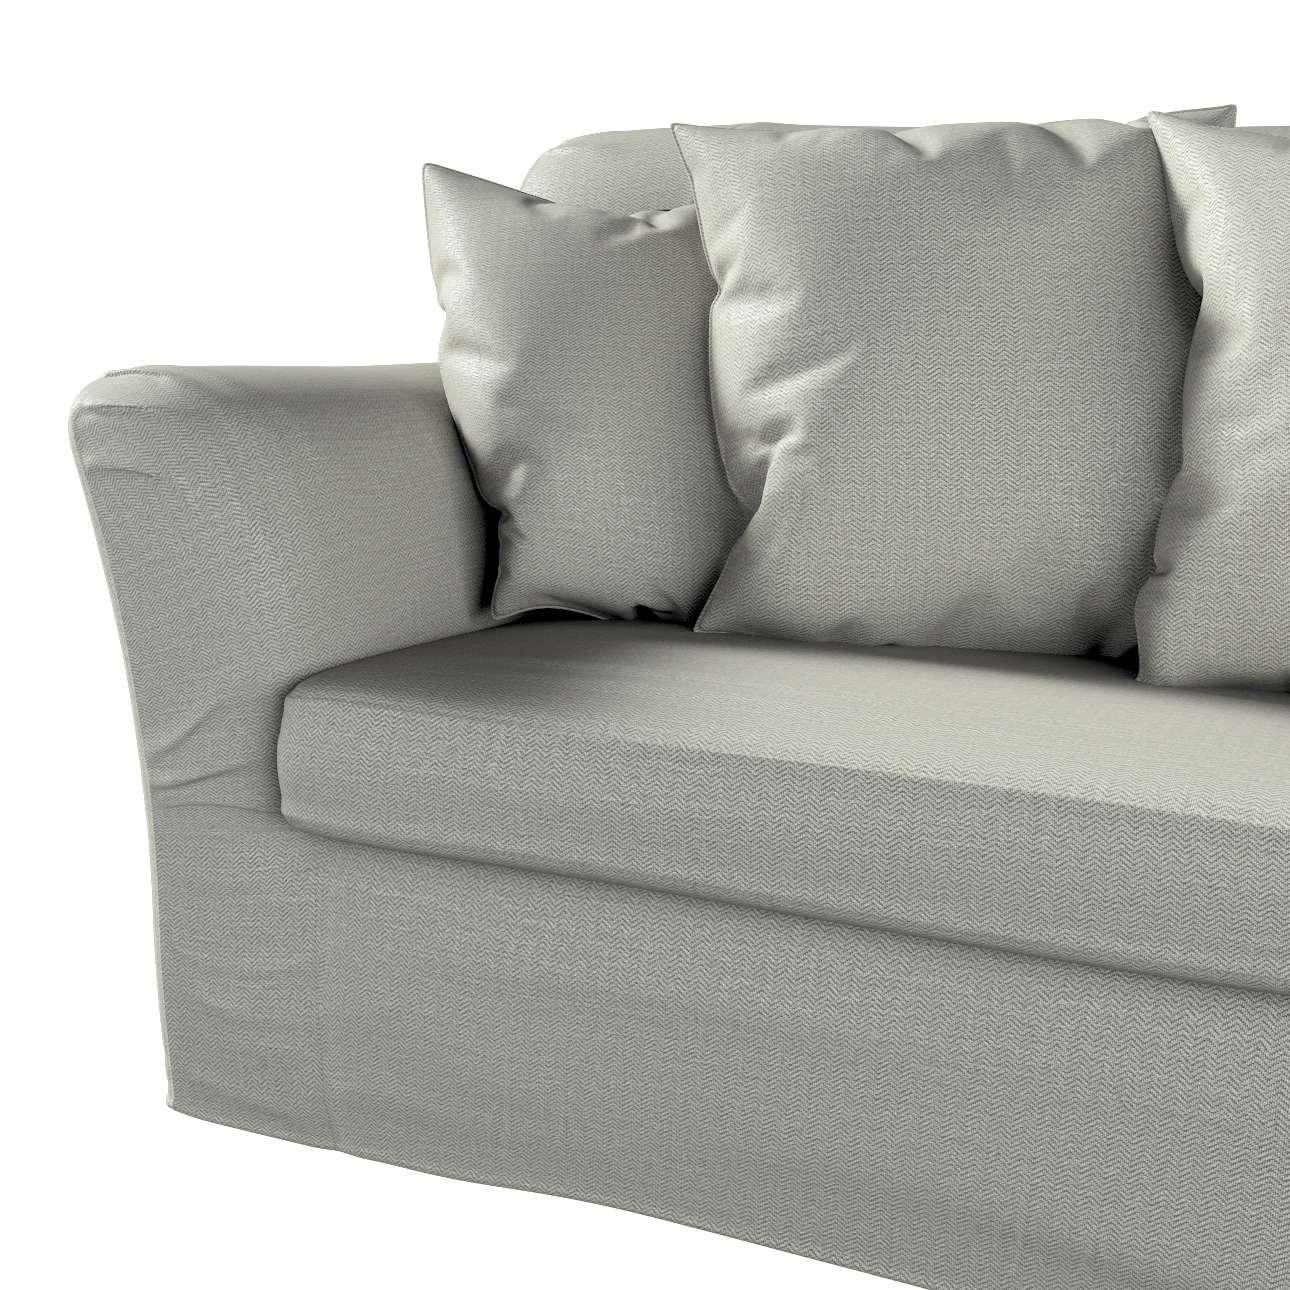 Pokrowiec na sofę Tomelilla 3-osobową rozkładaną w kolekcji Bergen, tkanina: 161-83